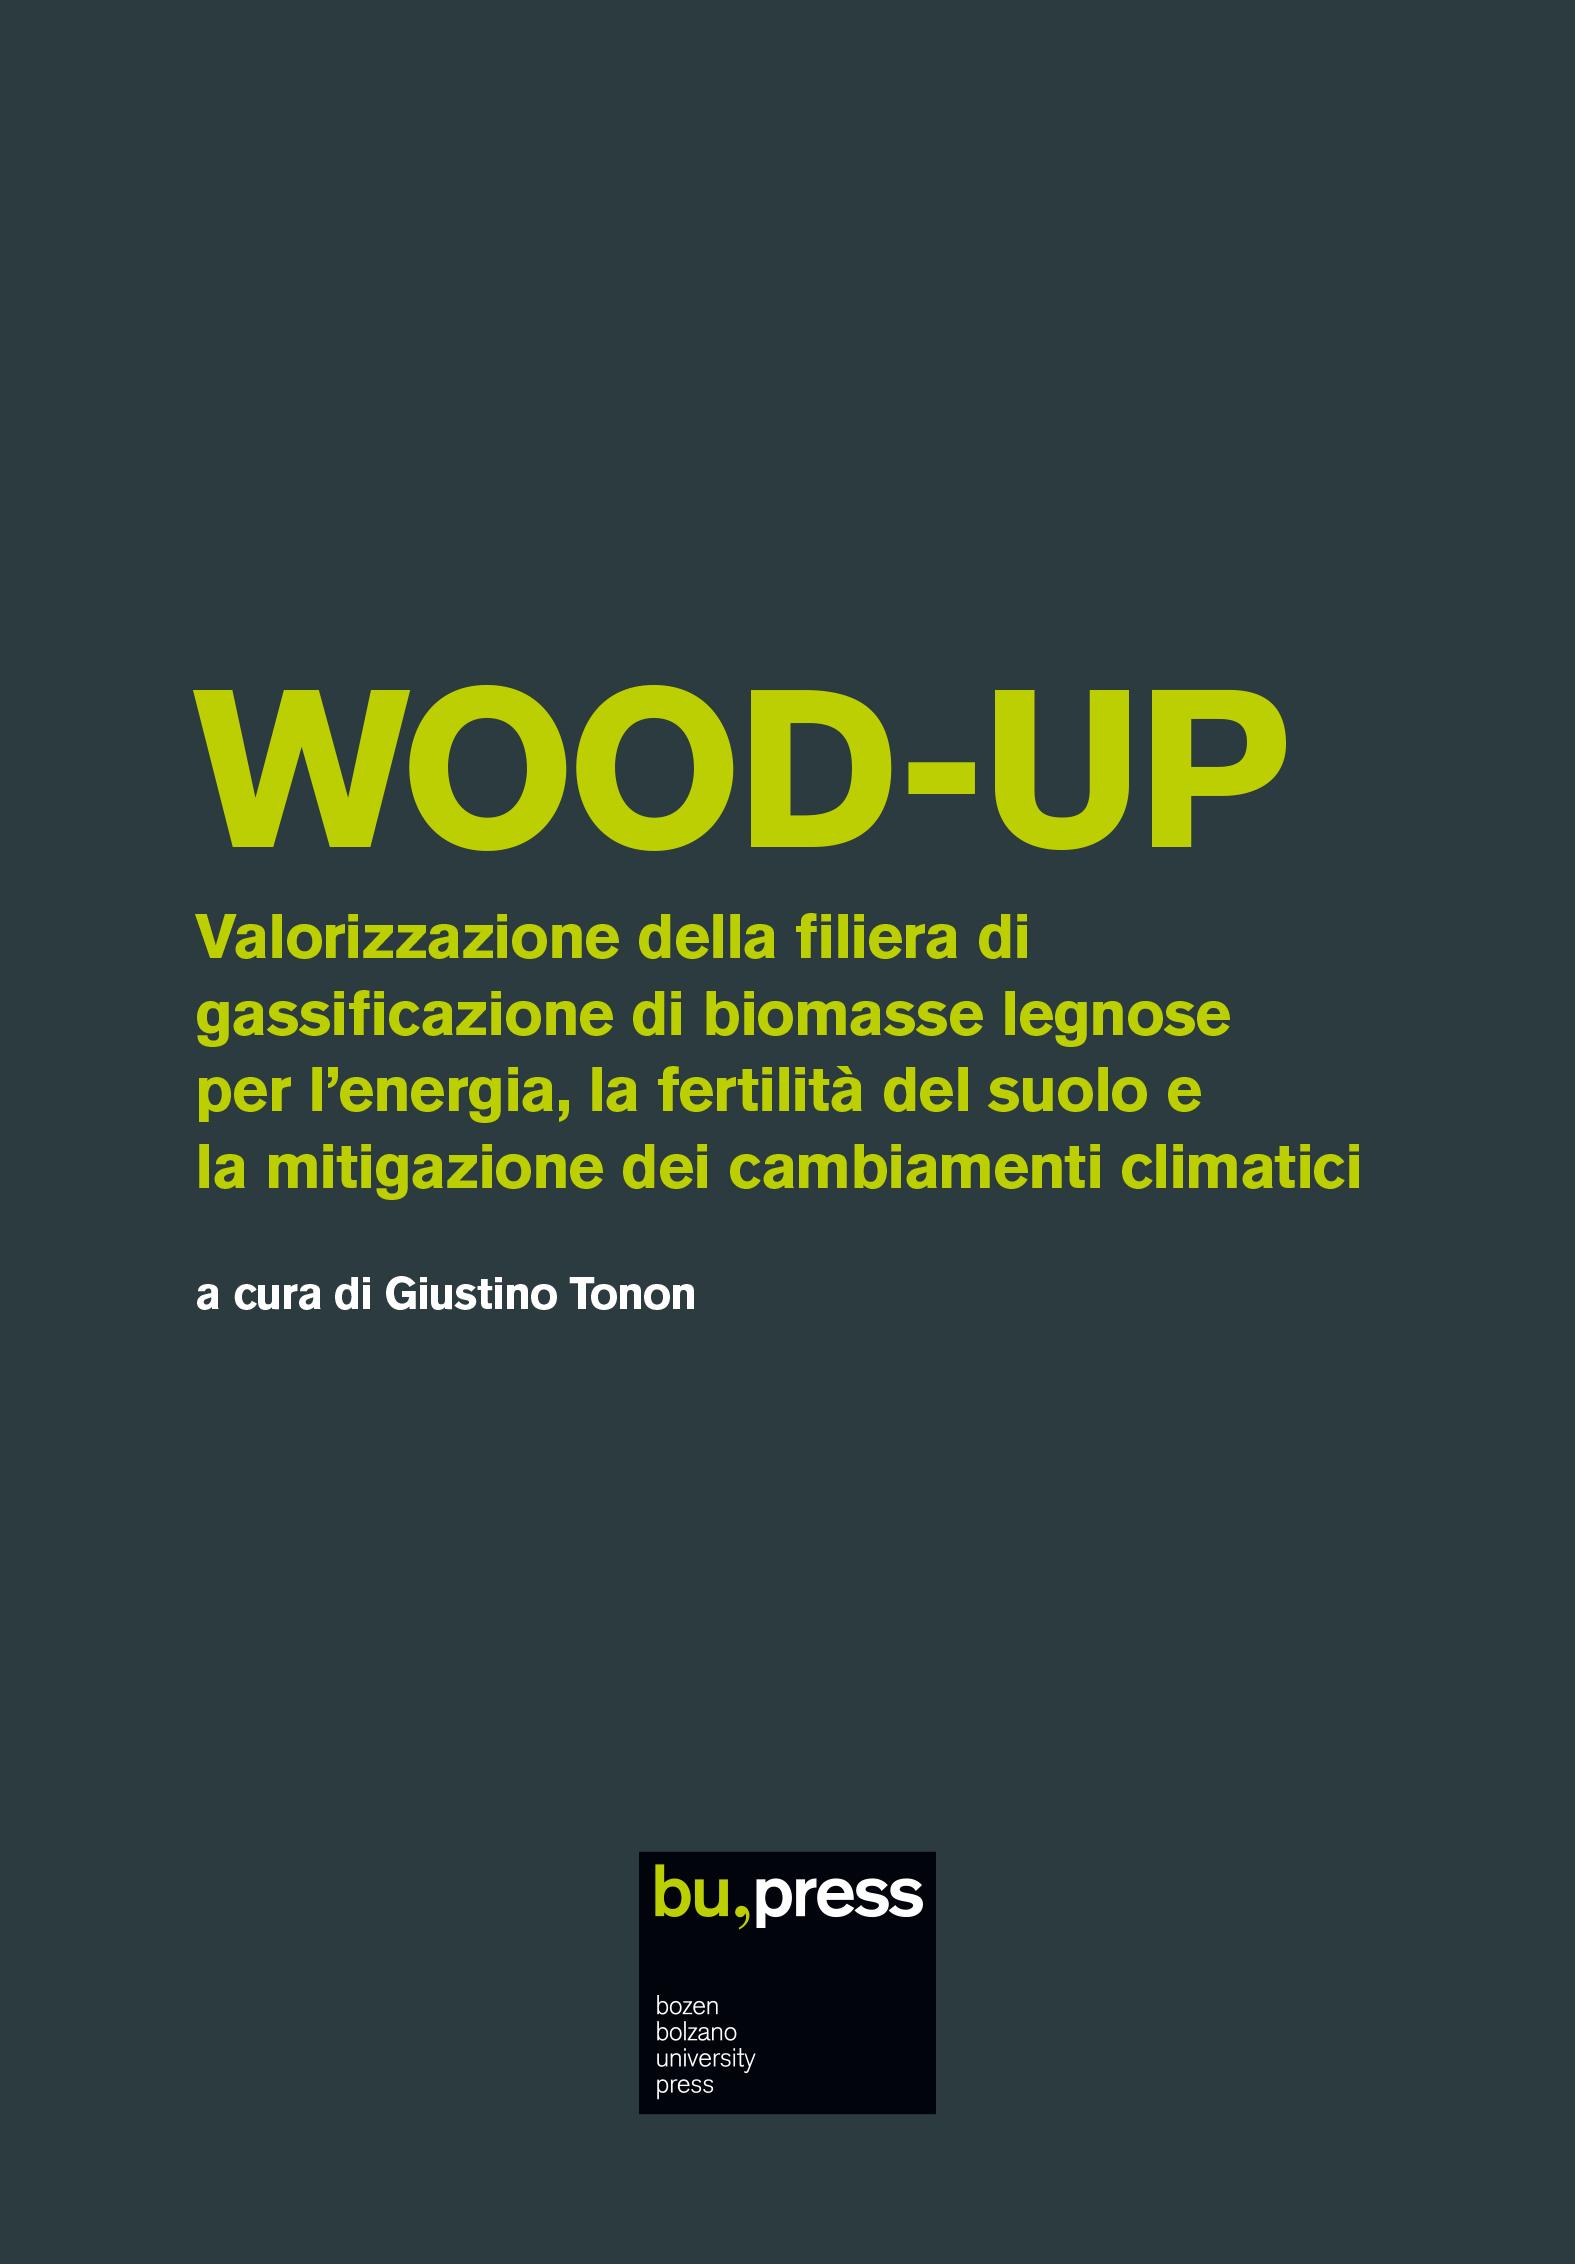 Cover of WOOD-UP – Valorizzazione della filiera di gassificazione di biomasse legnose per l'energia, la fertilità del suolo e la mitigazione dei cambiamenti climatici